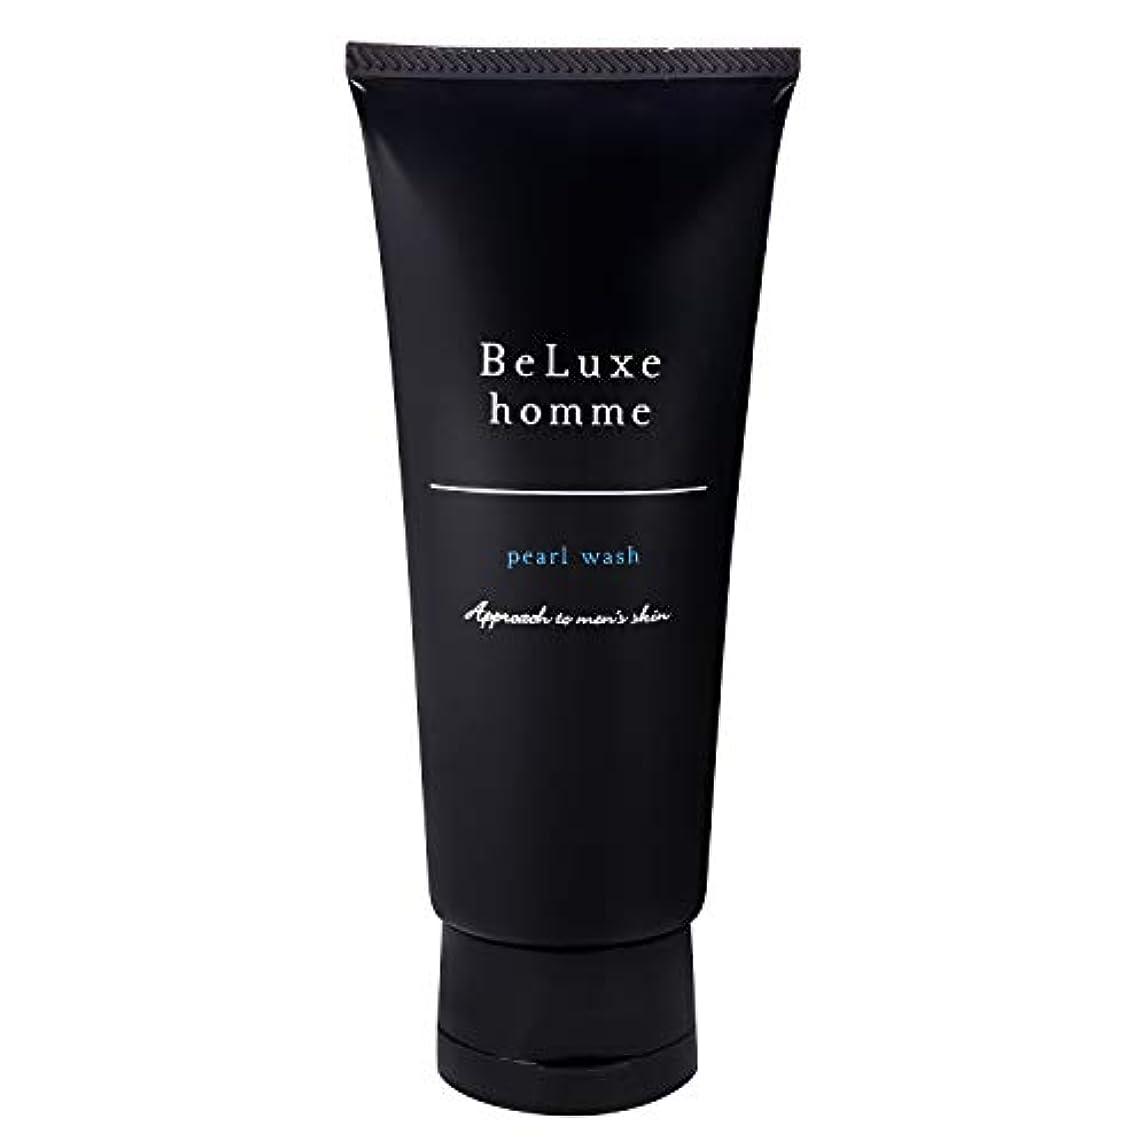 ベリュクス オム パールウォッシュ 90g 【男性 スキンケア 洗顔料】 メンズ 混合肌 美肌成分配合 さっぱり洗い しっかり潤い 毛穴まわりのトラブルに